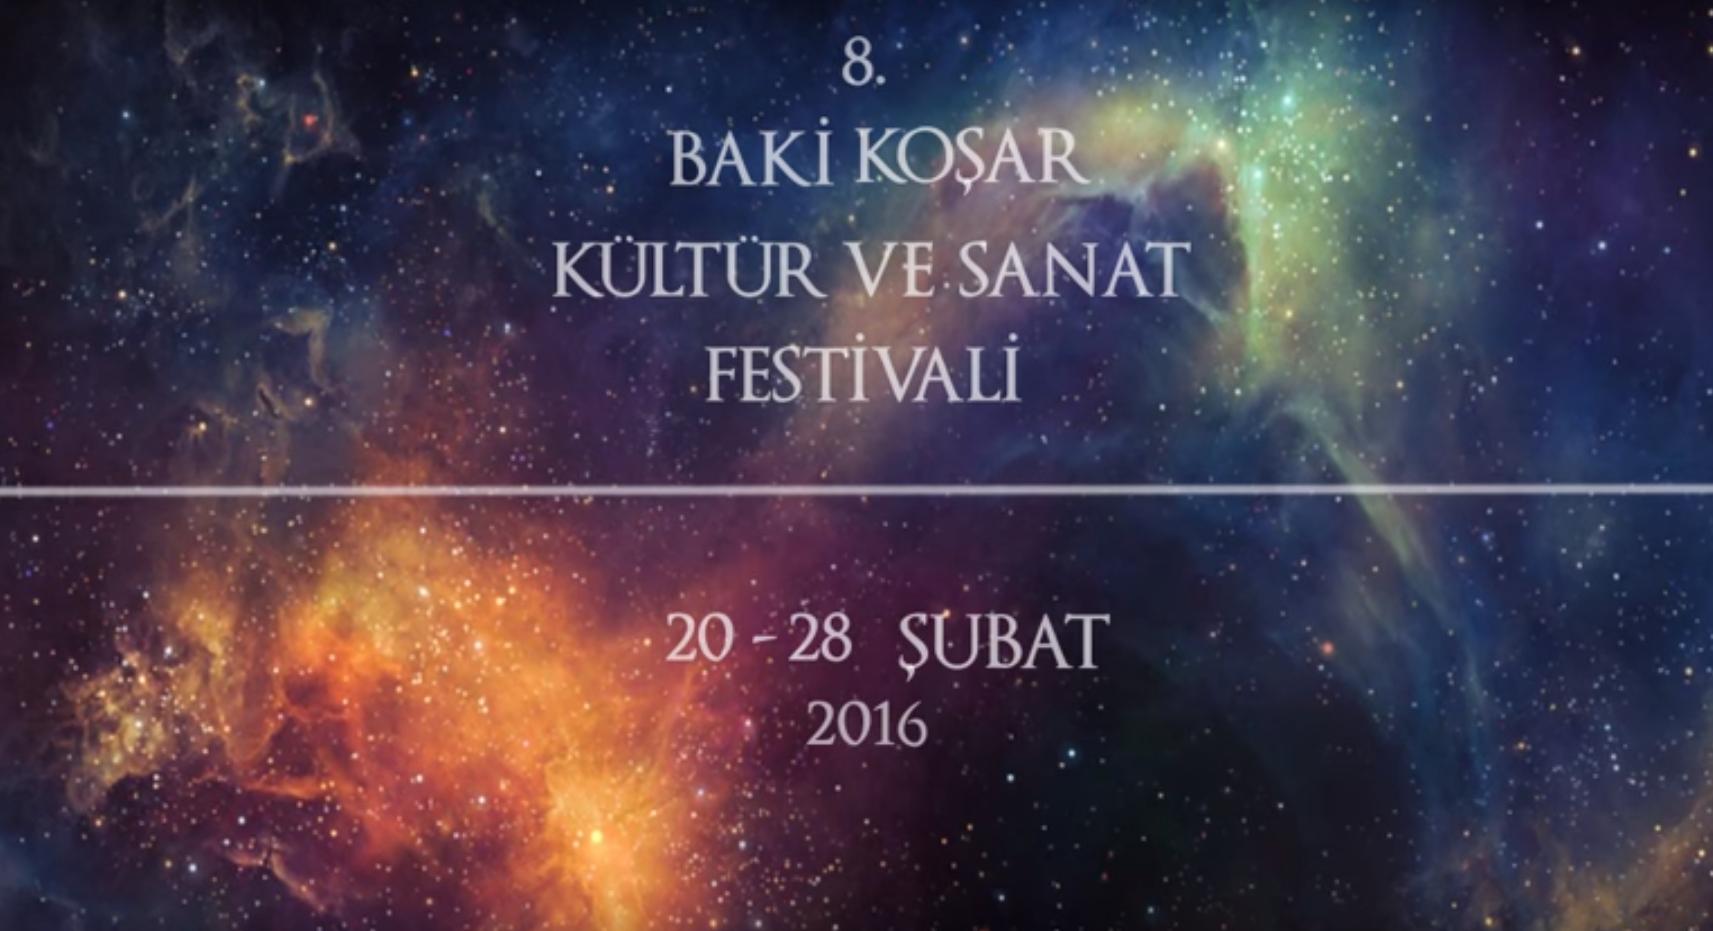 8. Baki Koşar Festivali Tüm Hızıyla Devam Ediyor